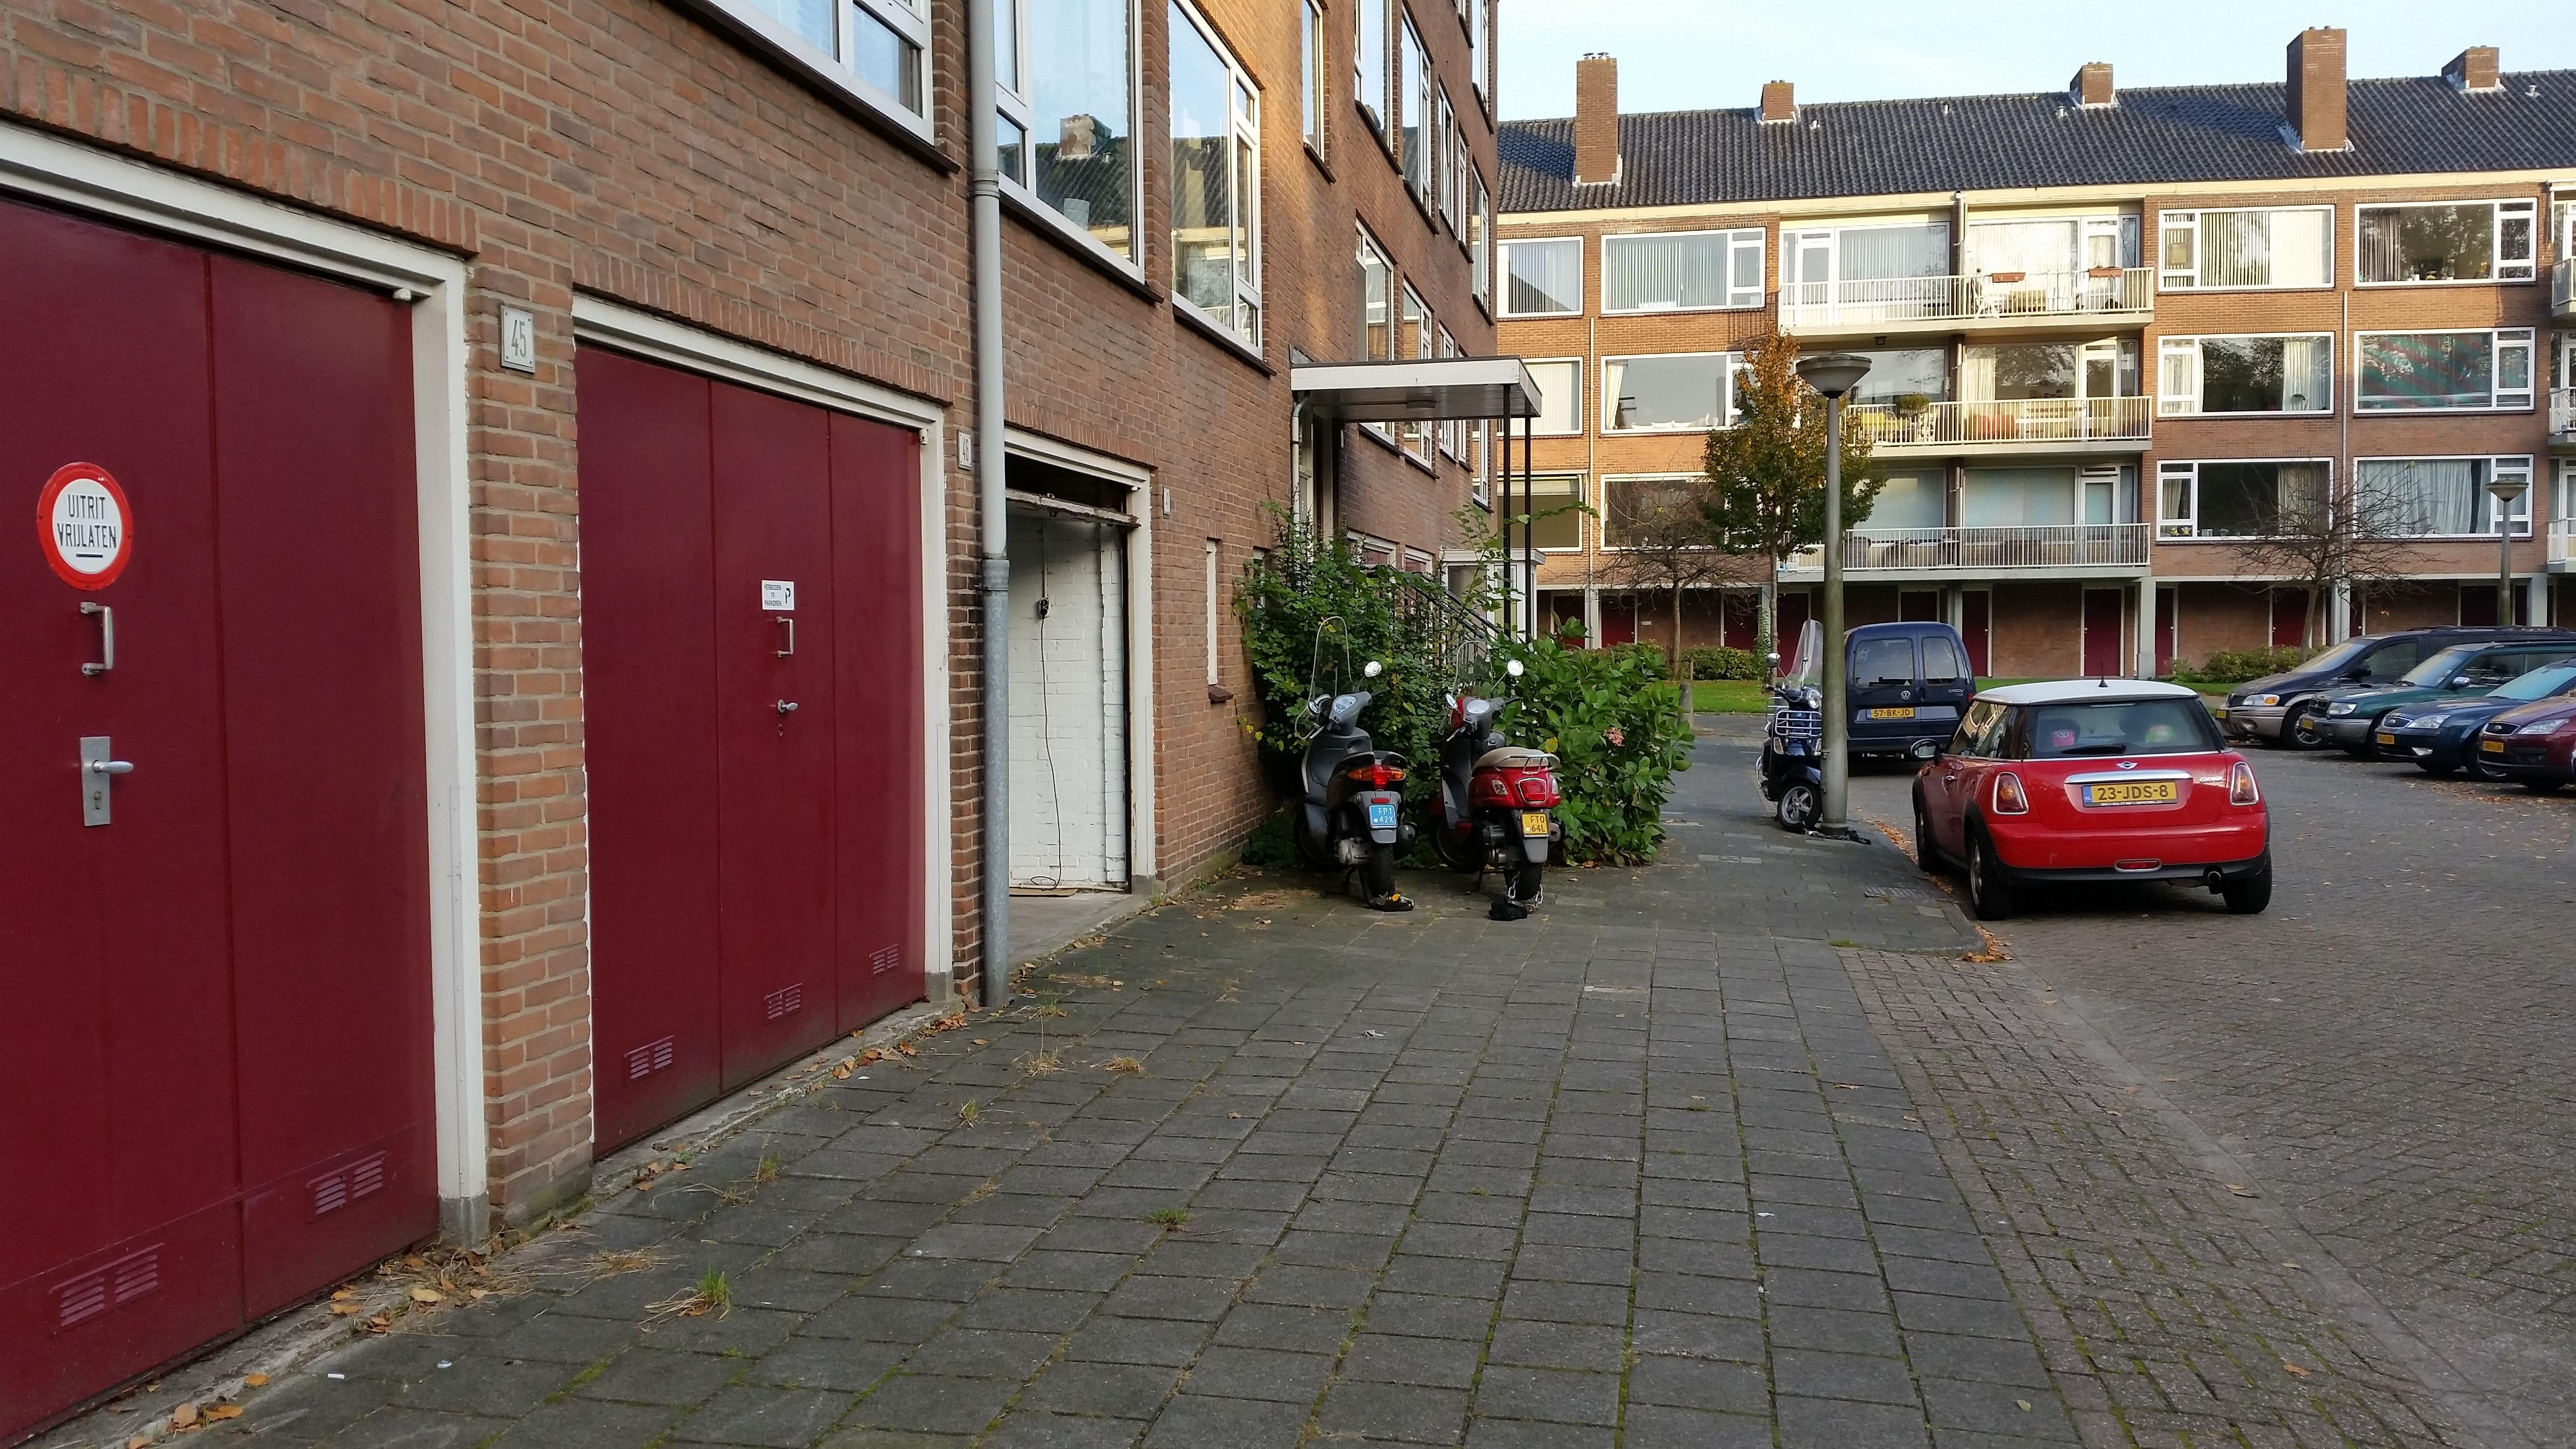 Garage Huren Amsterdam : Garage afgesloten knutselen klussen opslag privacy ruimte